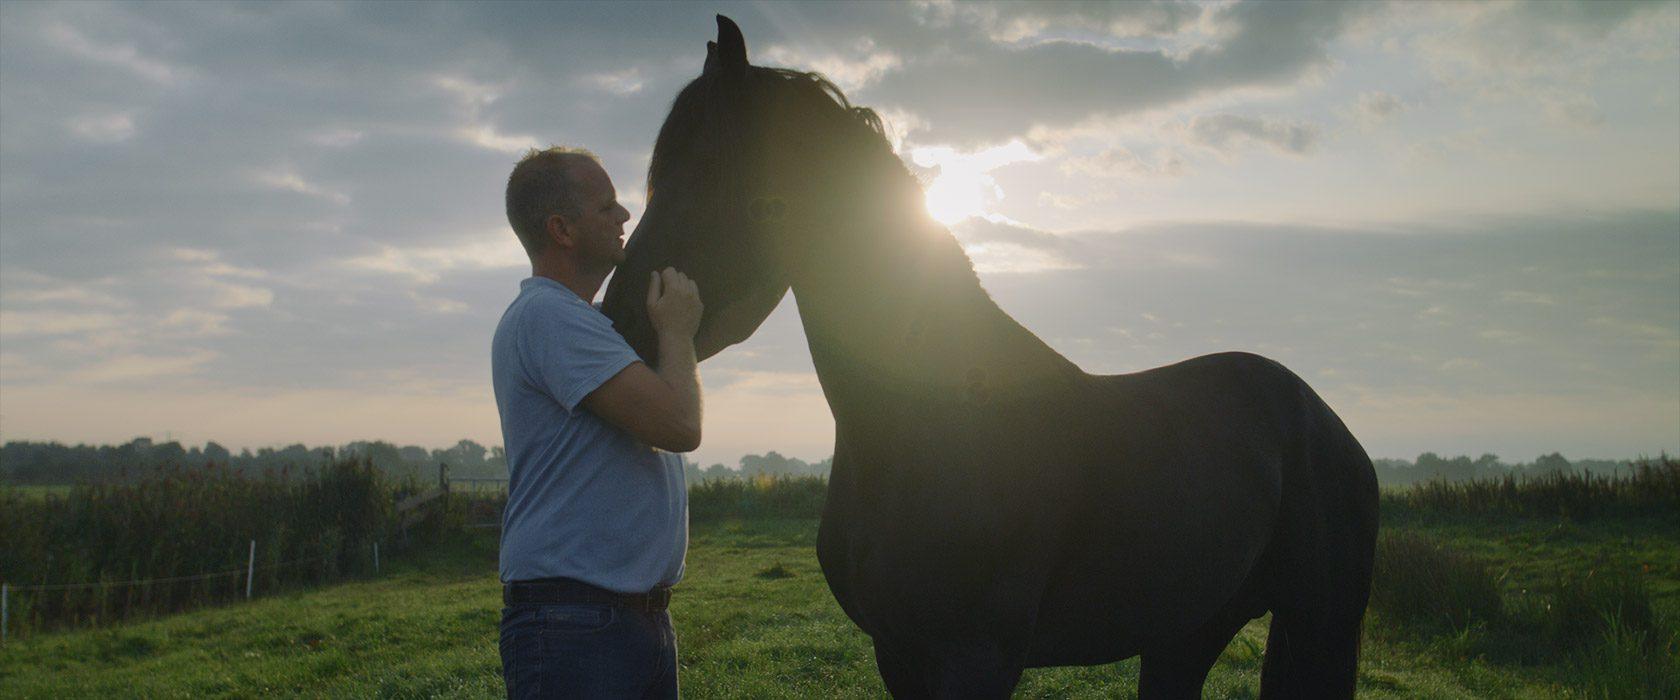 film_still_horses1_1680x700